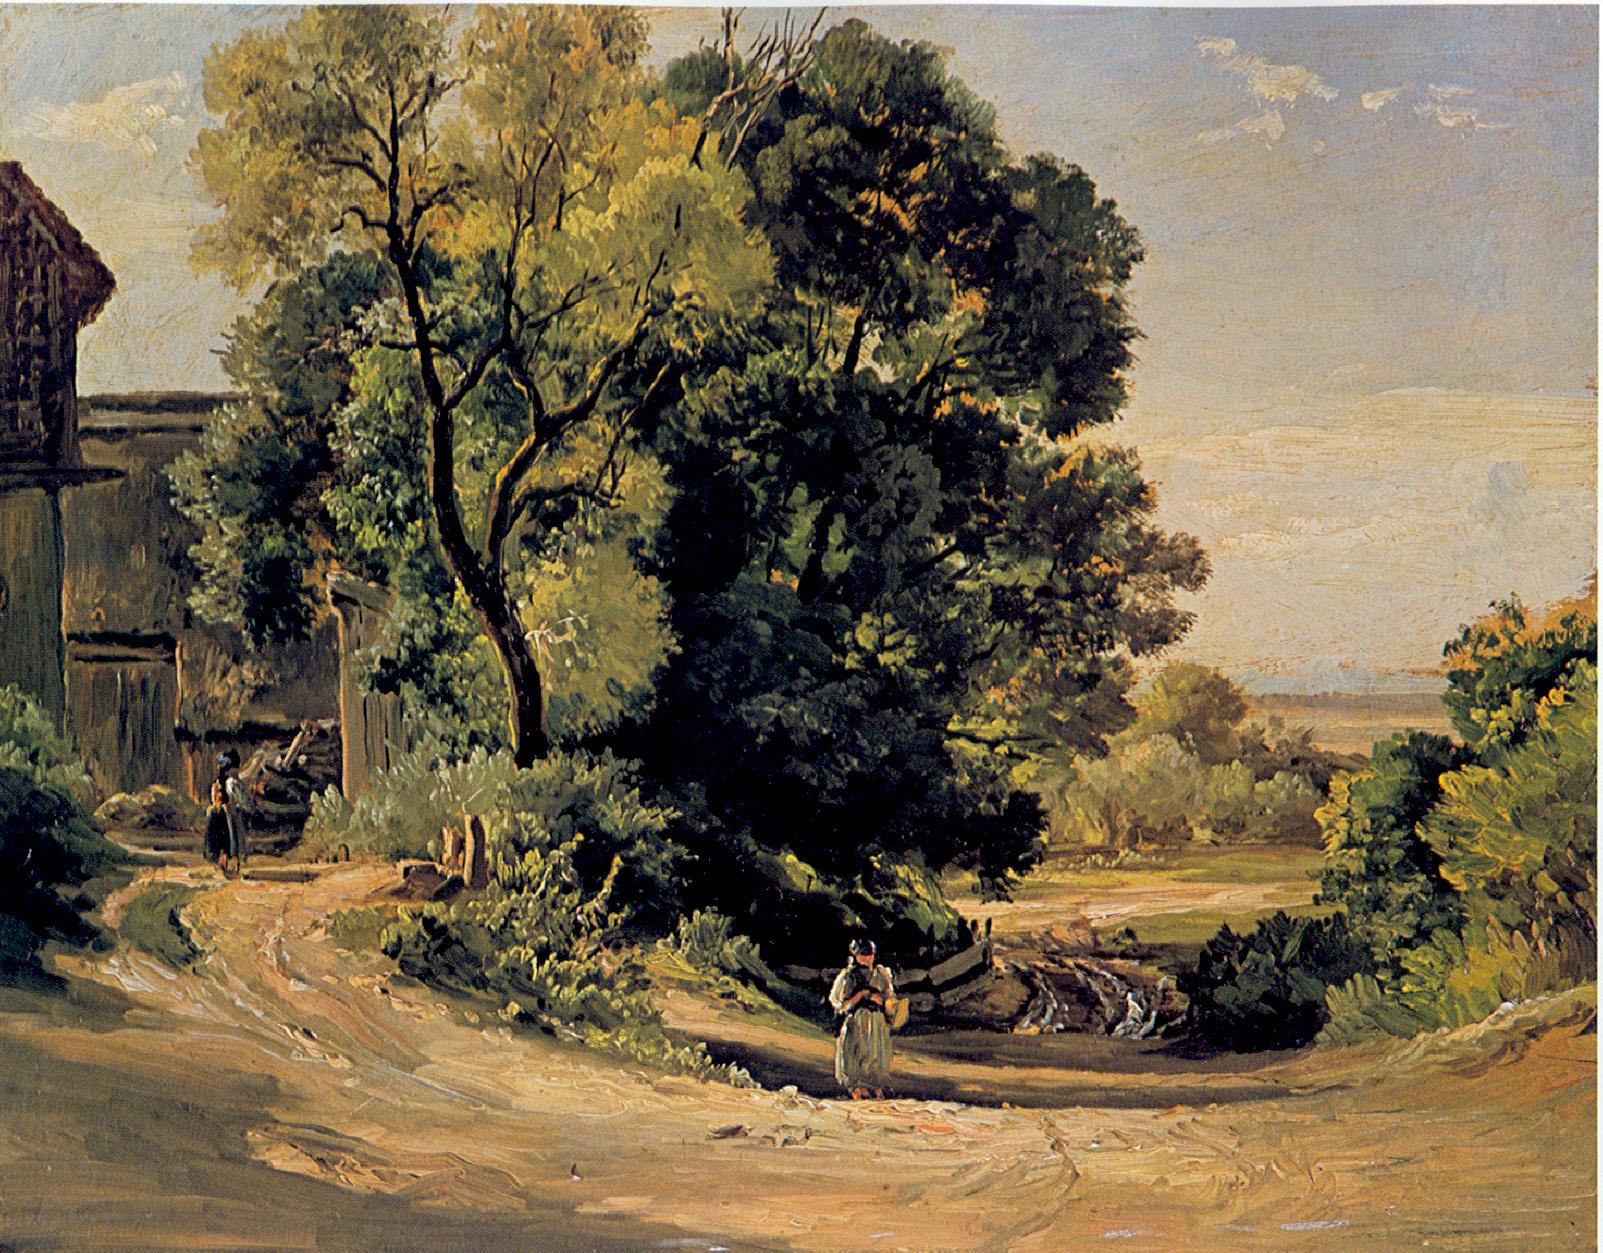 Der Maler Christian Morgenstern